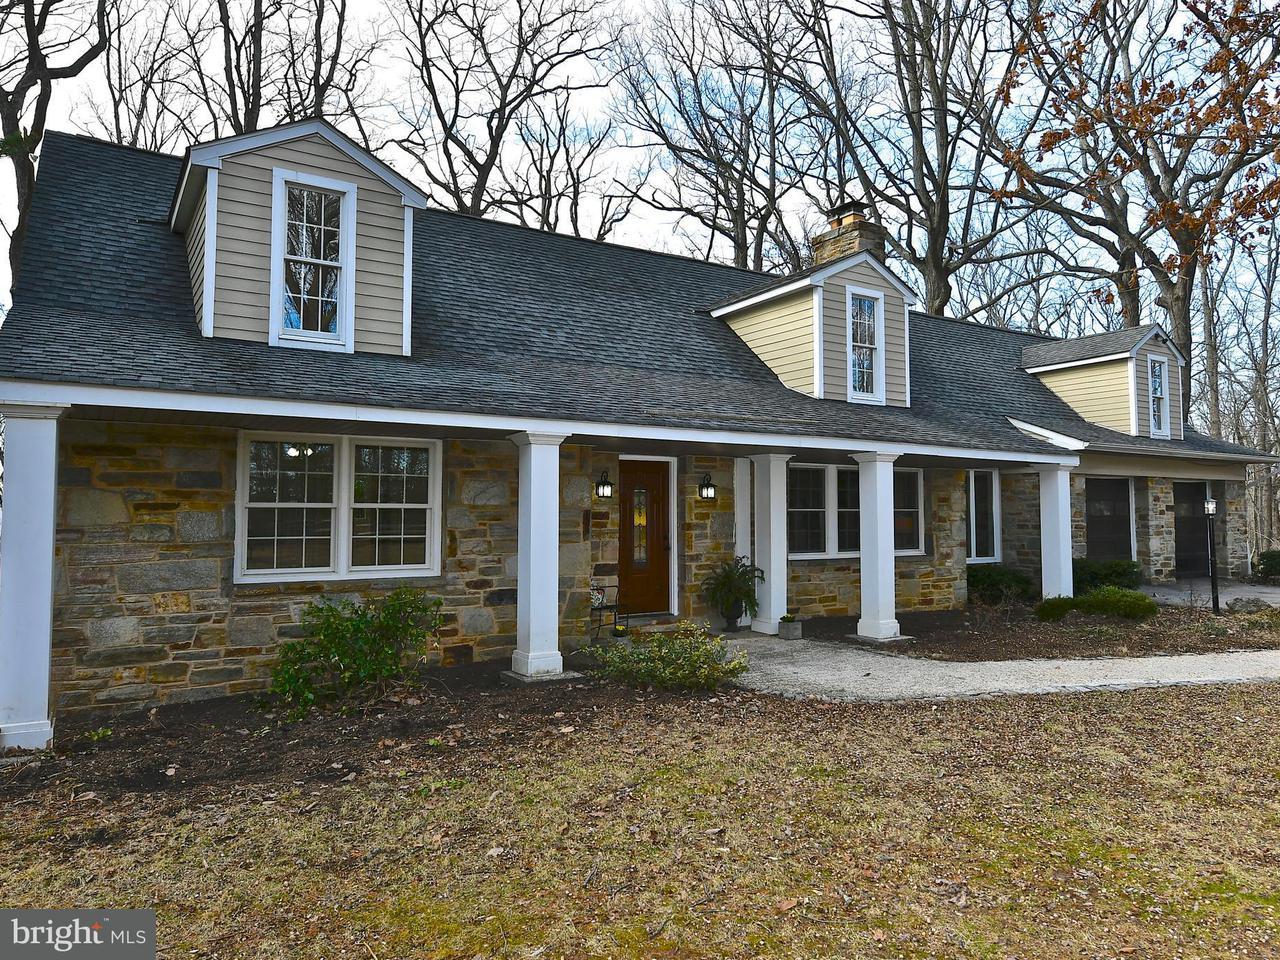 独户住宅 为 销售 在 16528 Dubbs Road 16528 Dubbs Road Sparks, 马里兰州 21152 美国